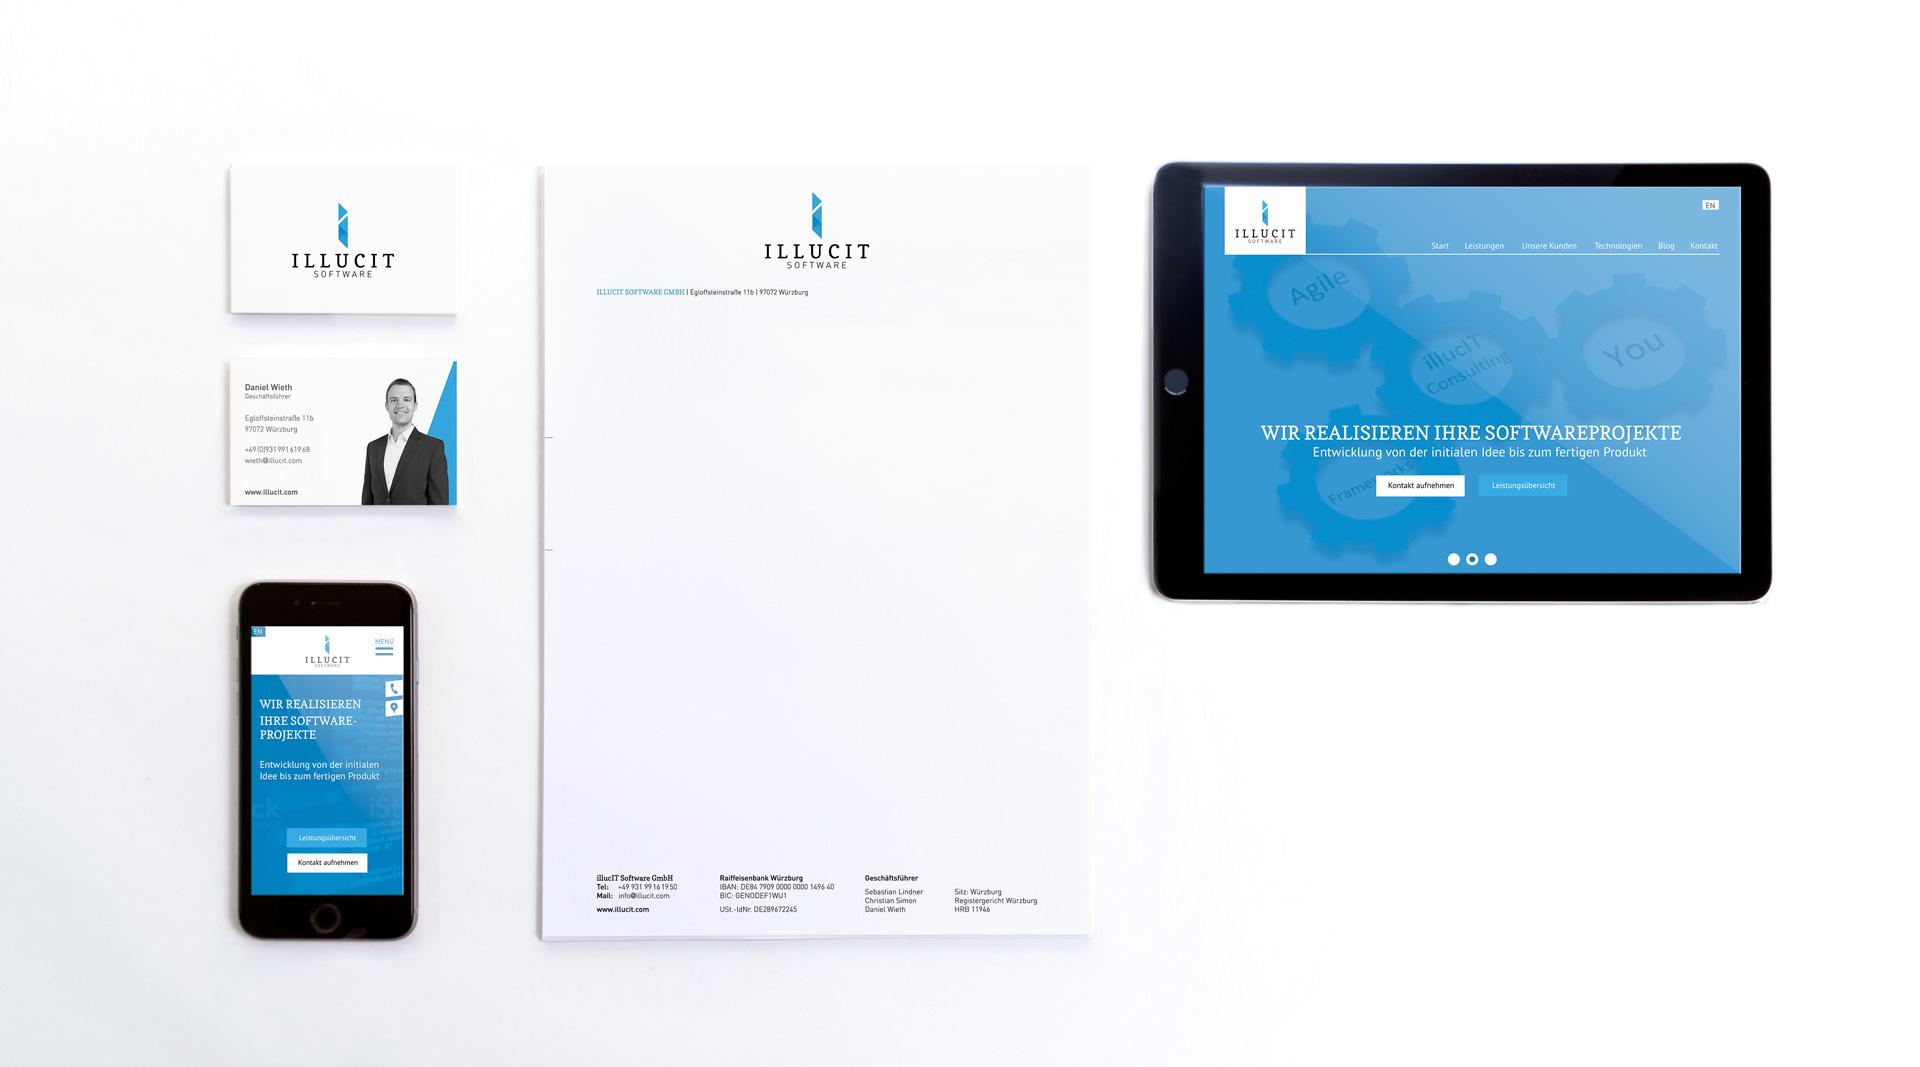 Illucit Software Würzburg Webdesign Markenkreation jo's büro für Gestaltung